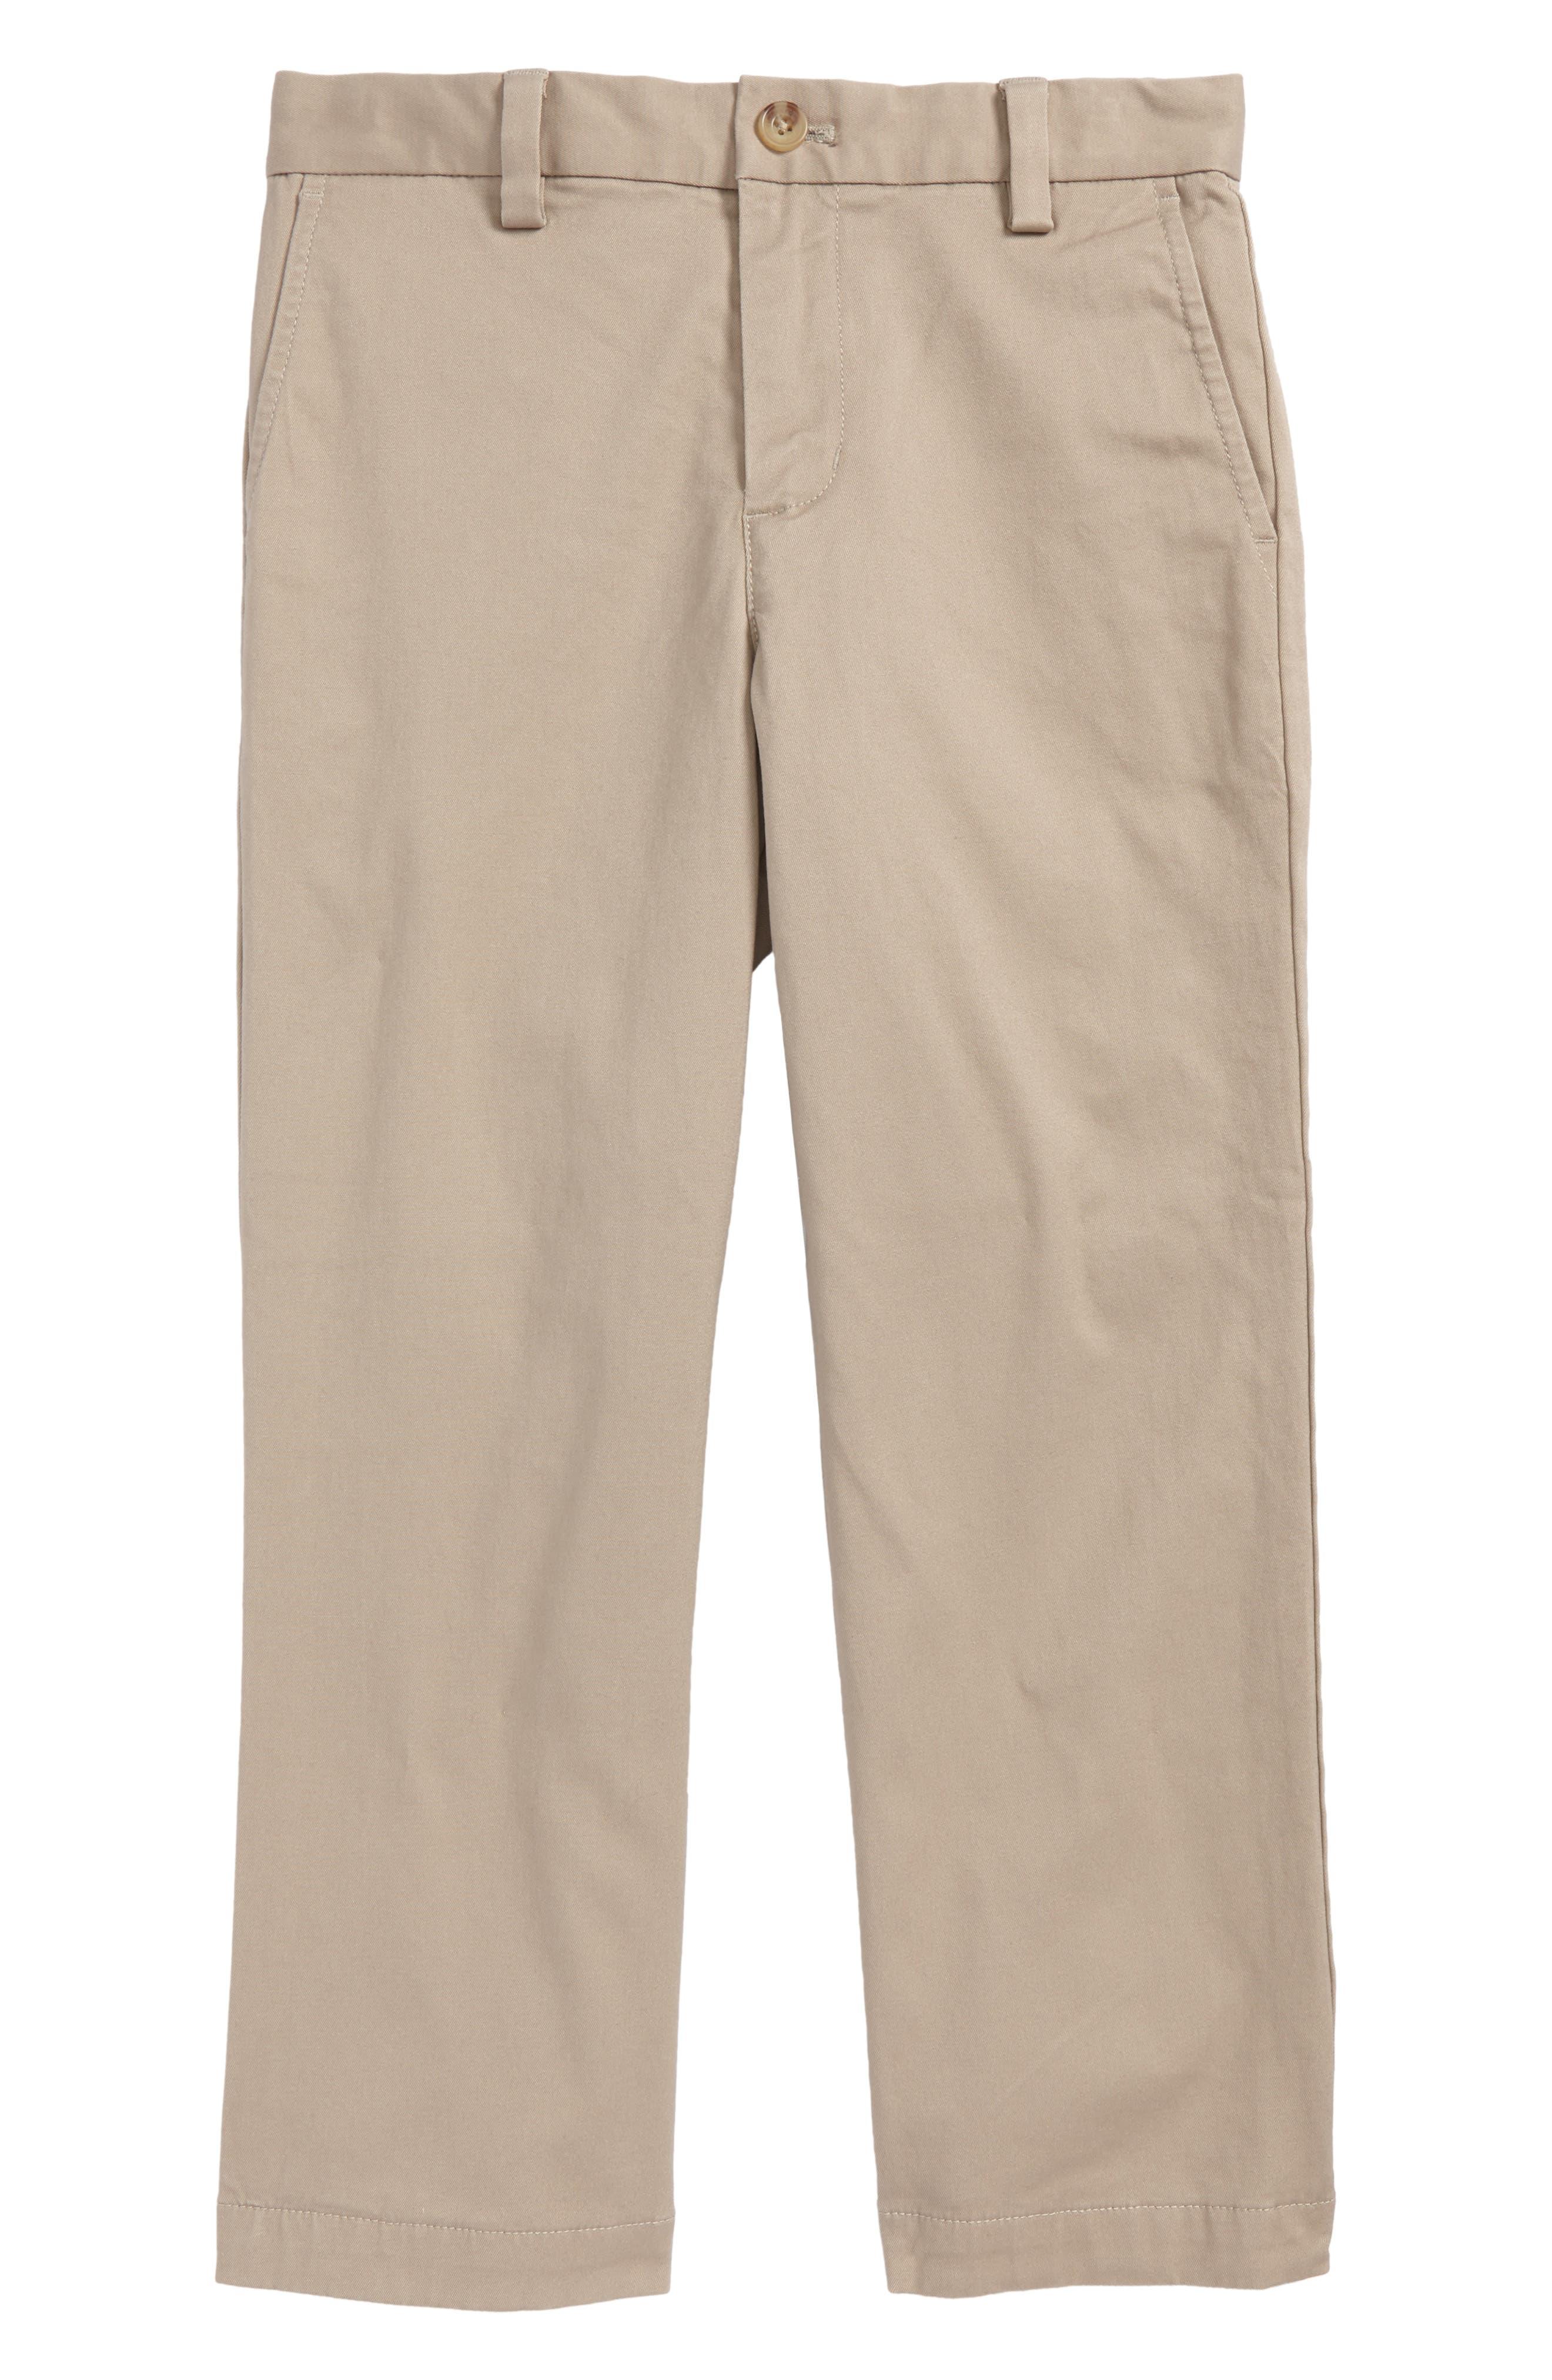 vineyard vines Breaker Flannel Lined Pants (Toddler Boys & Little Boys)